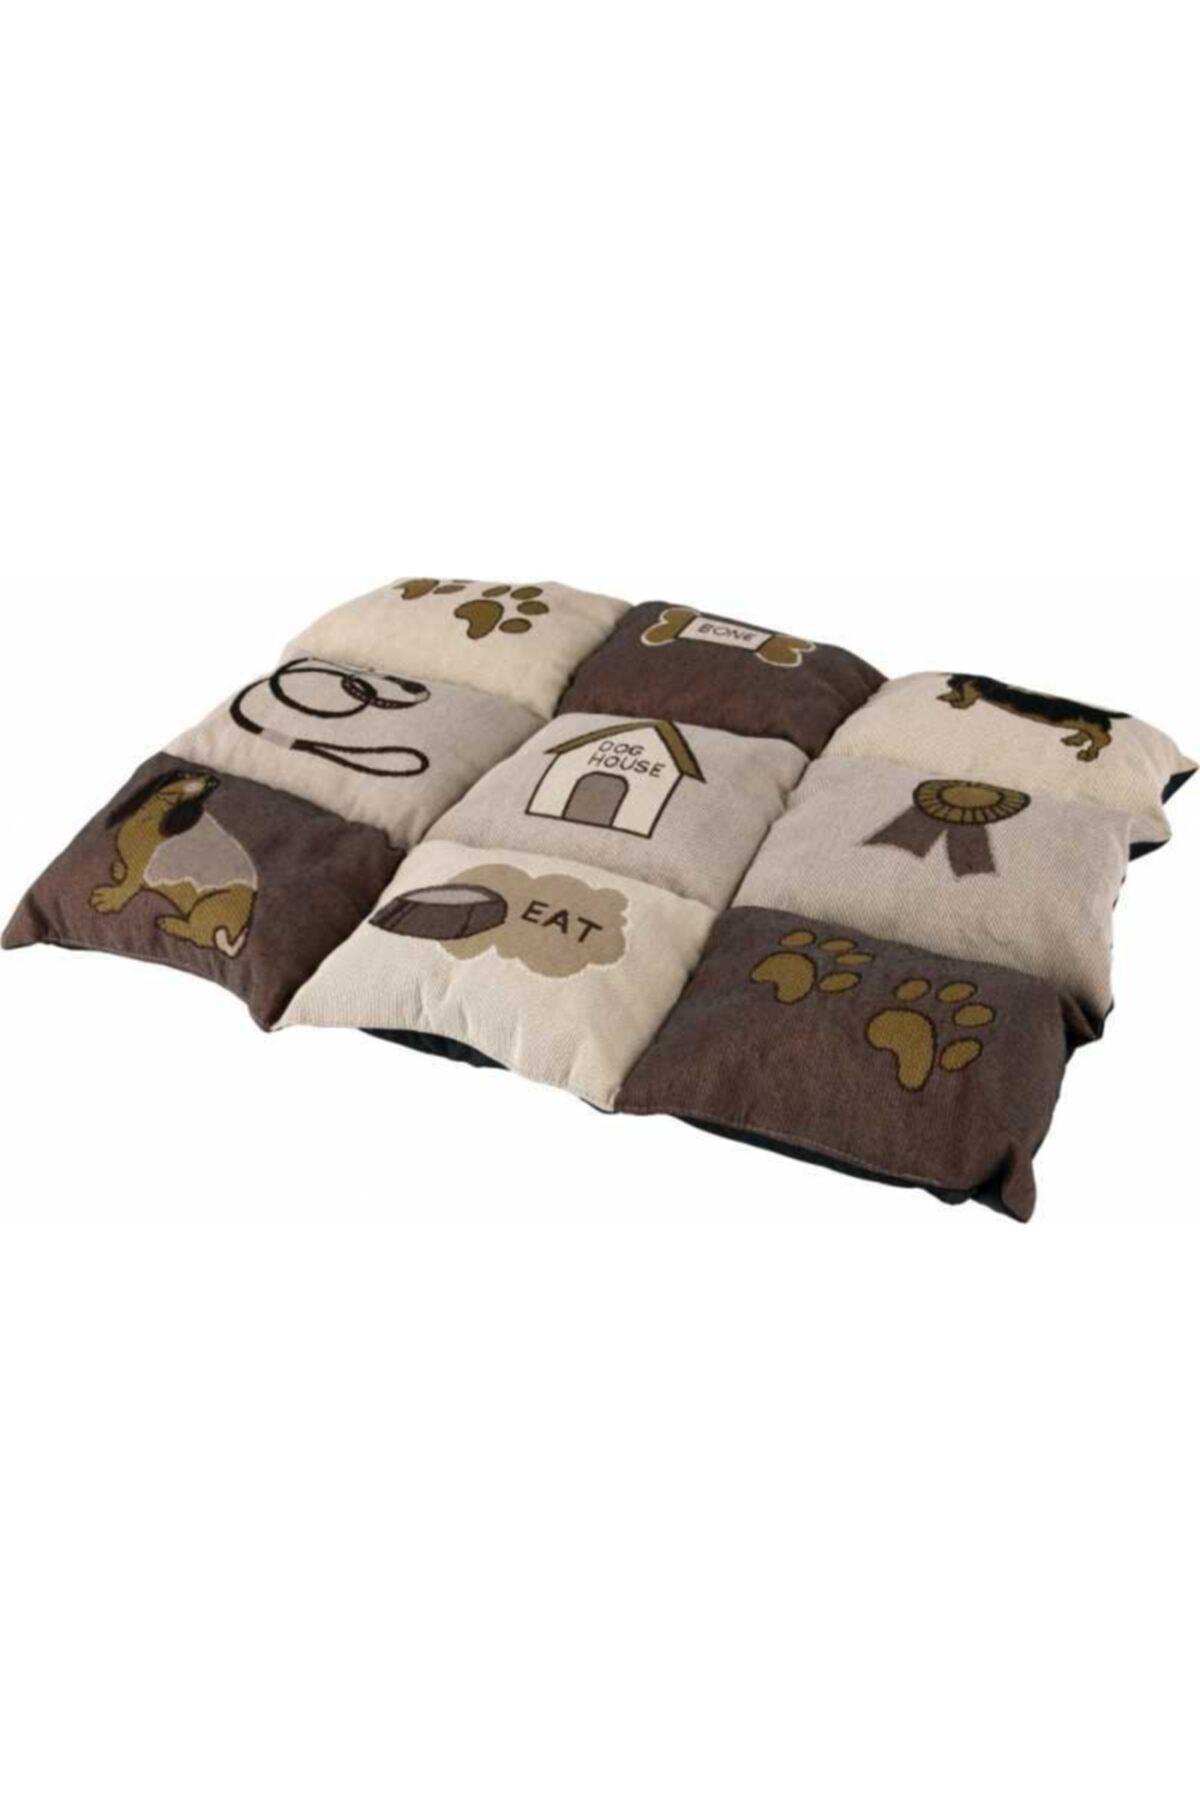 Köpek Yastığı Ve Yatağı 55x40cm Kahve/bej